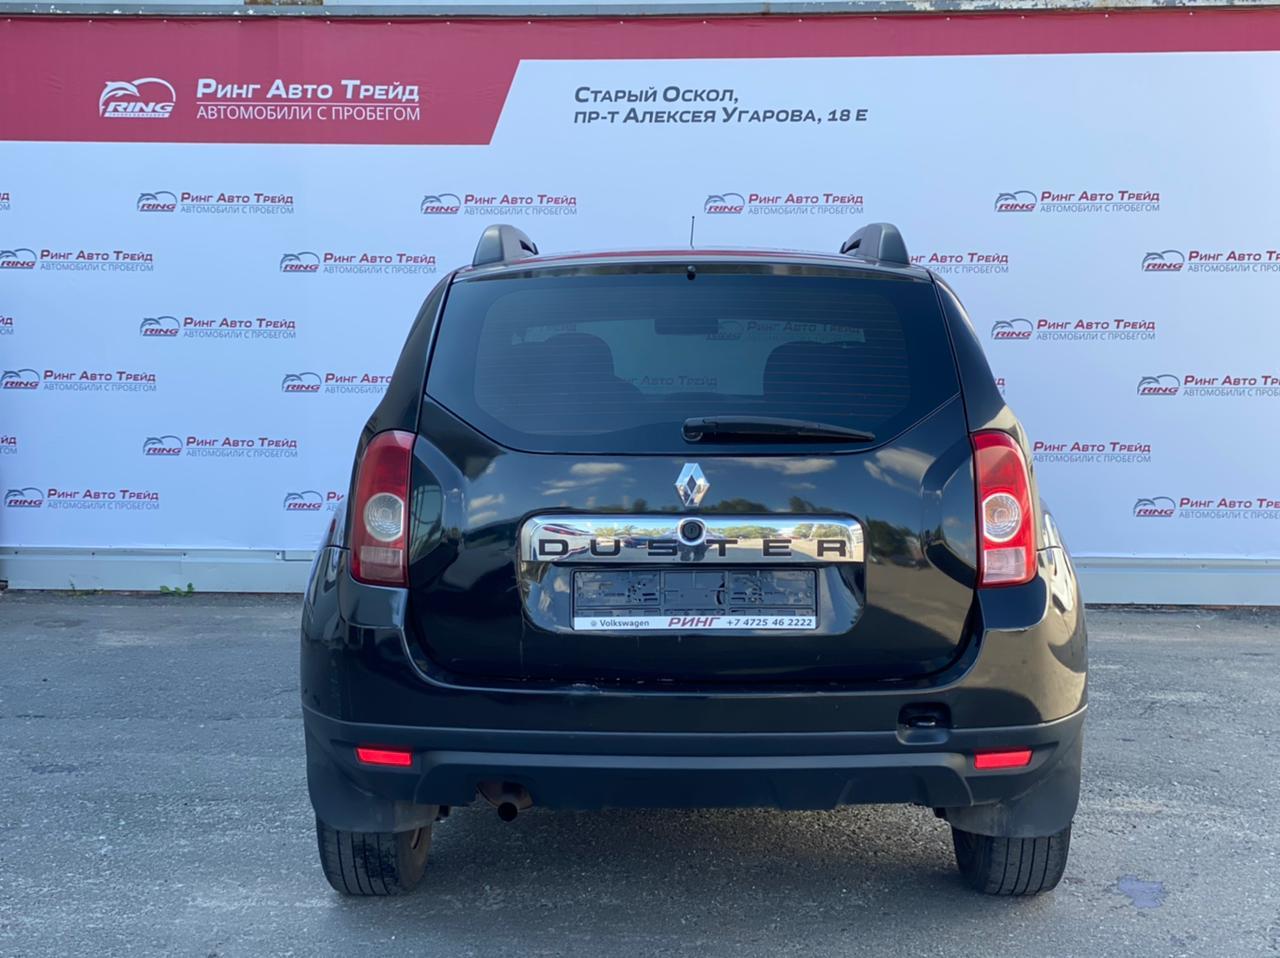 Renault Duster Внедорожник (2012г.)